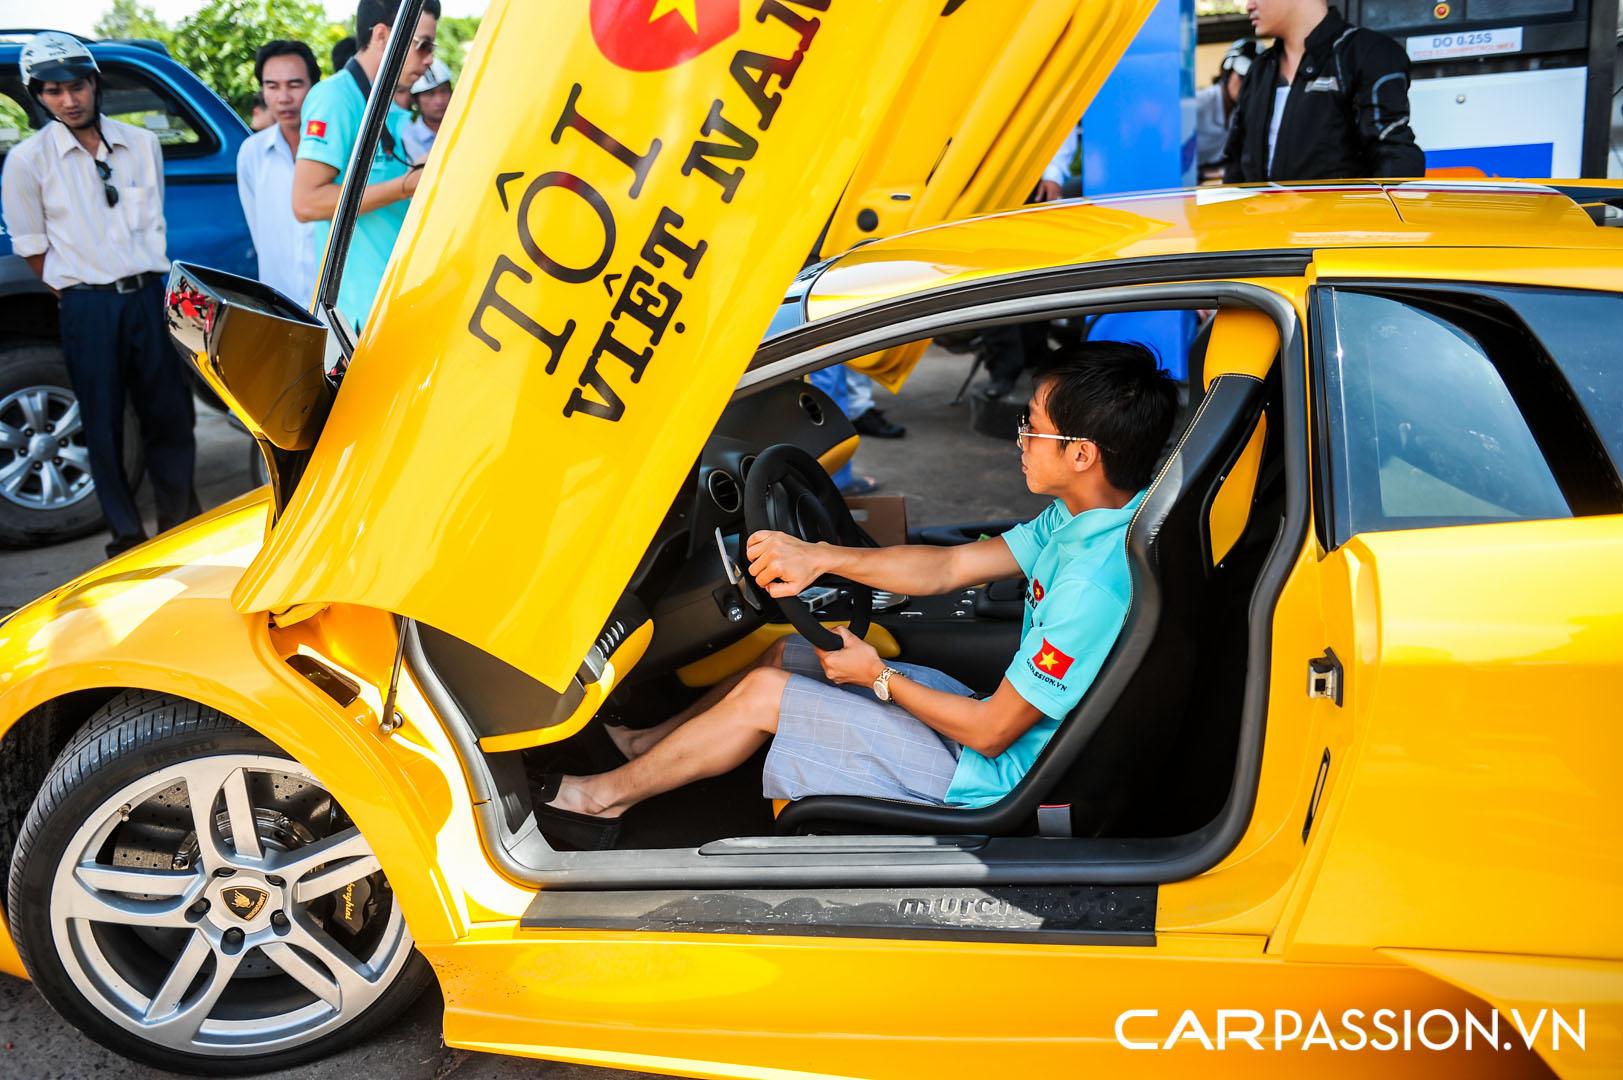 CP-Hành trình siêu xe CarPassion 2011 Day 2 (133).jpg